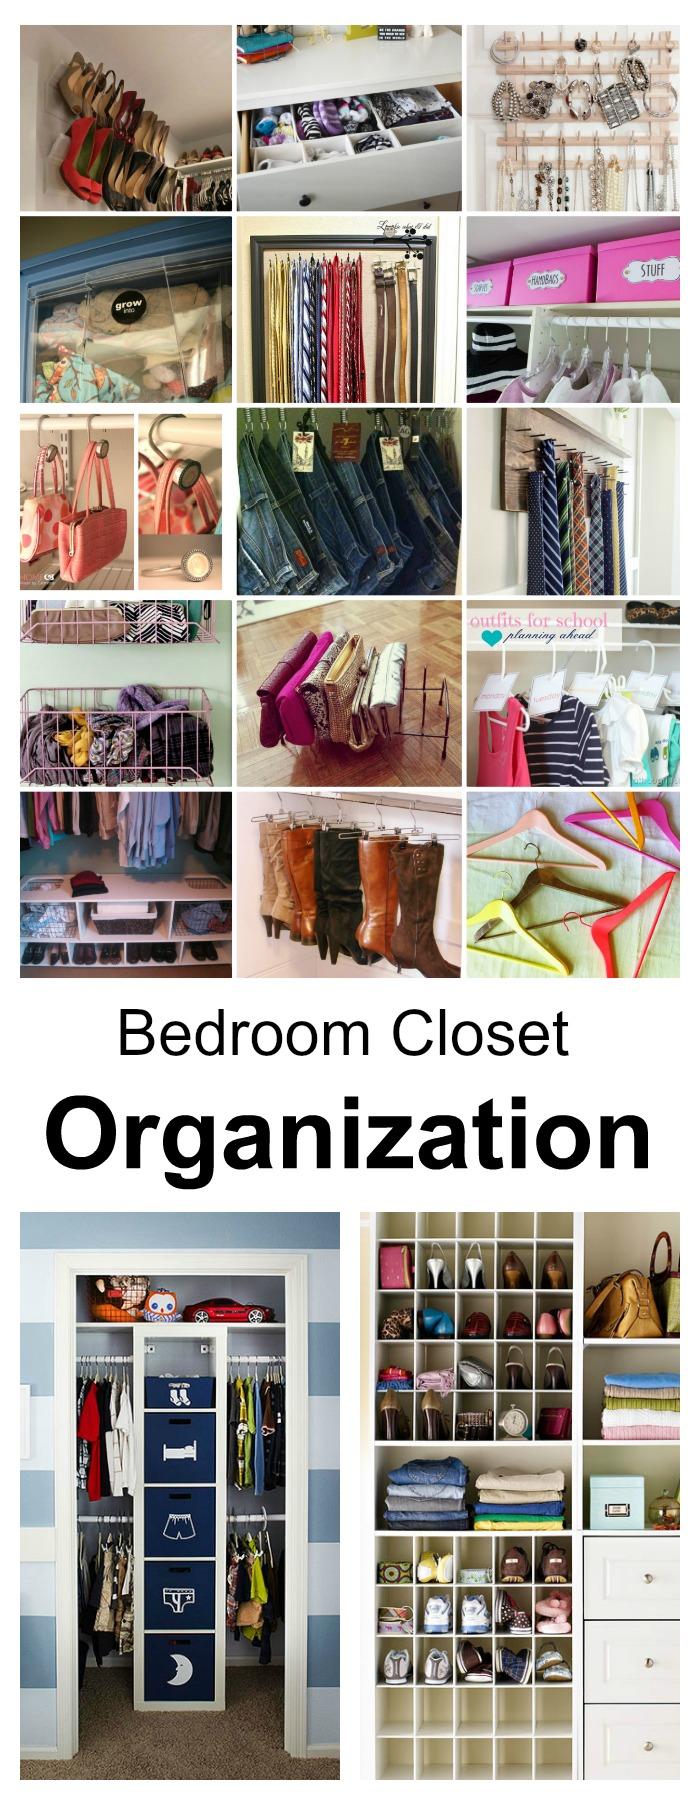 Bedroom Closet Design Ideas small bedroom closet design ideas fascinating of bedroom bedroom walk in closet wardrobe design ideas to Bedroom Closet Organization Ideas Pin